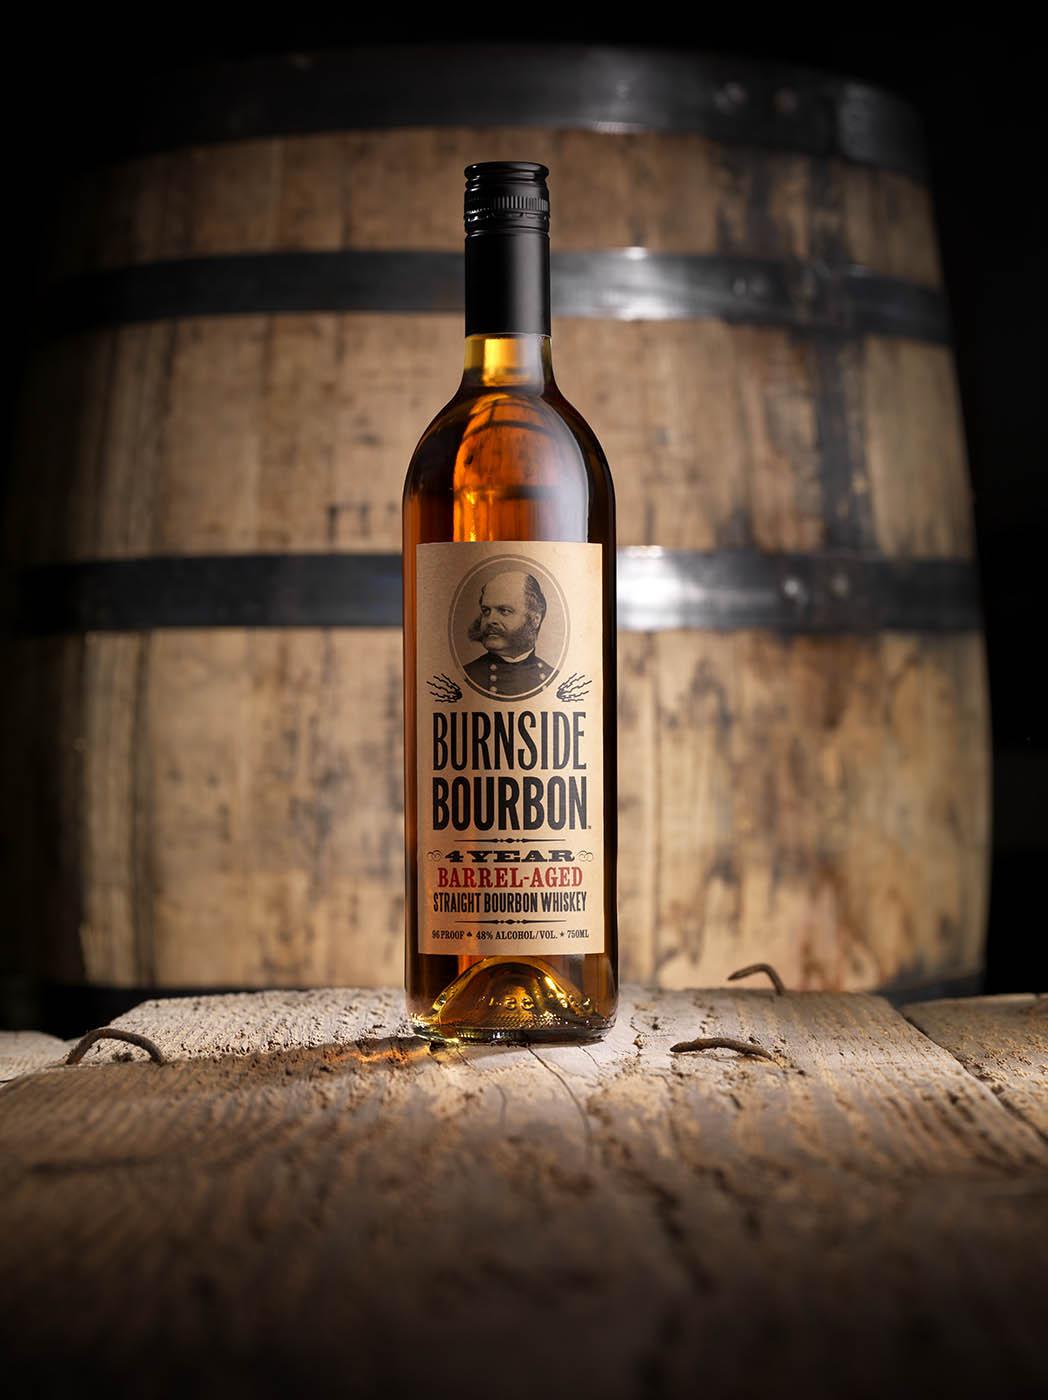 Eastside Distilling Burnside Bourbon 4 Years Old